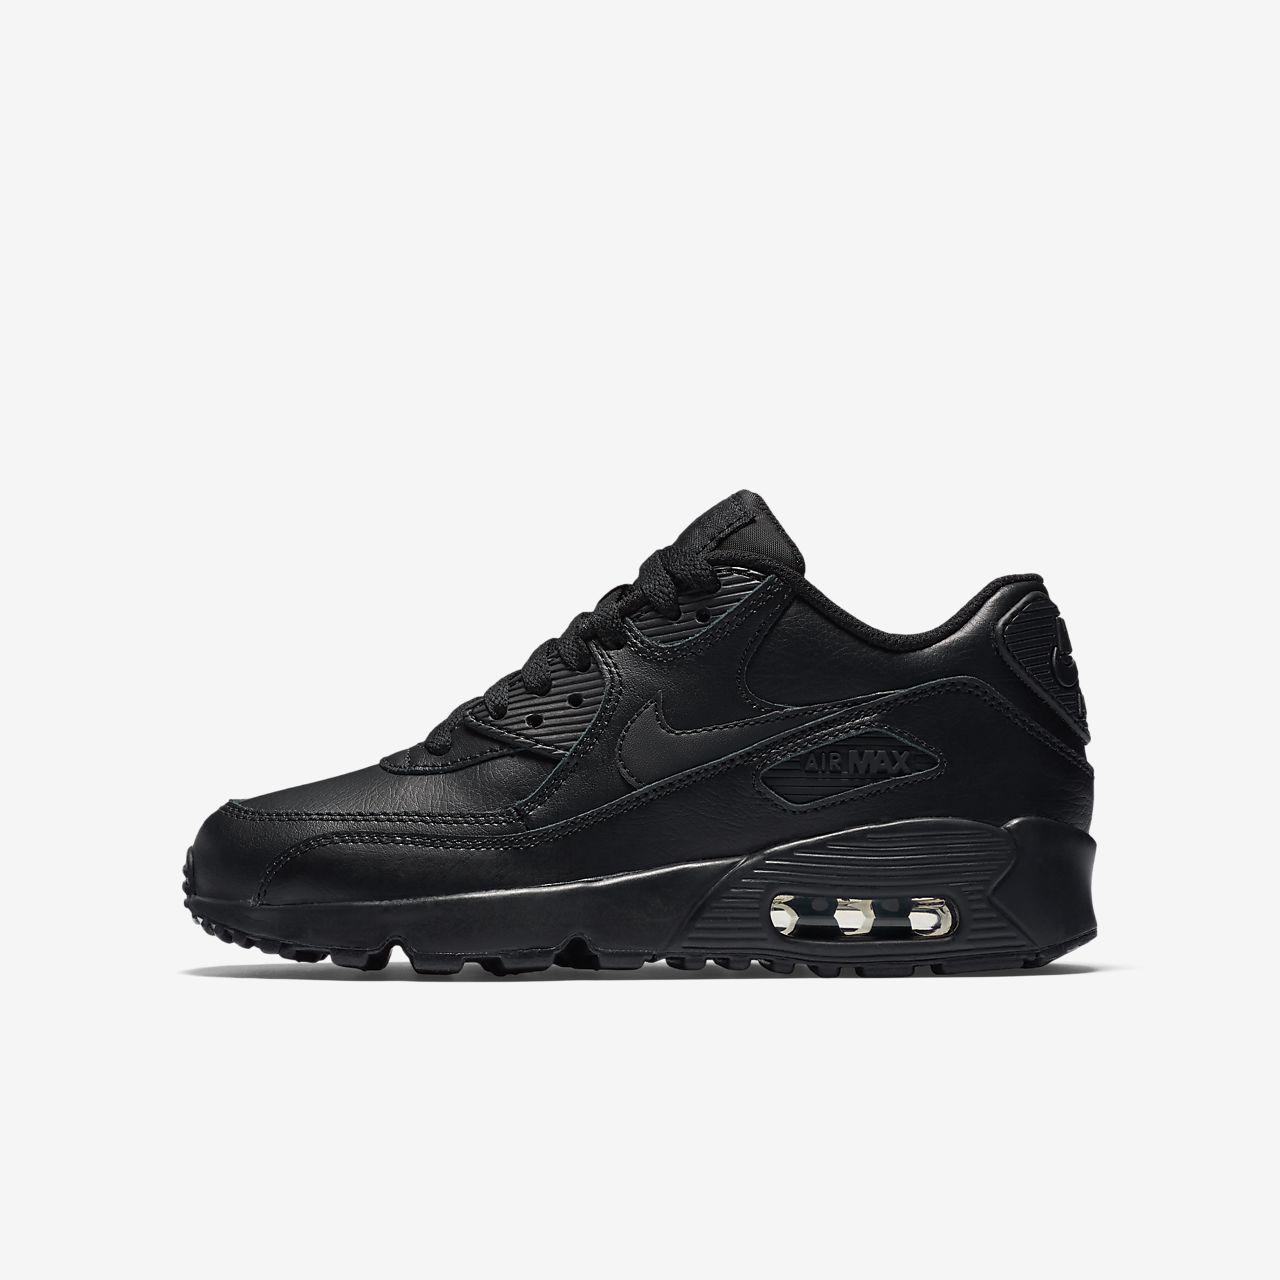 Παπούτσι Nike Air Max 90 Leather για μεγάλα παιδιά